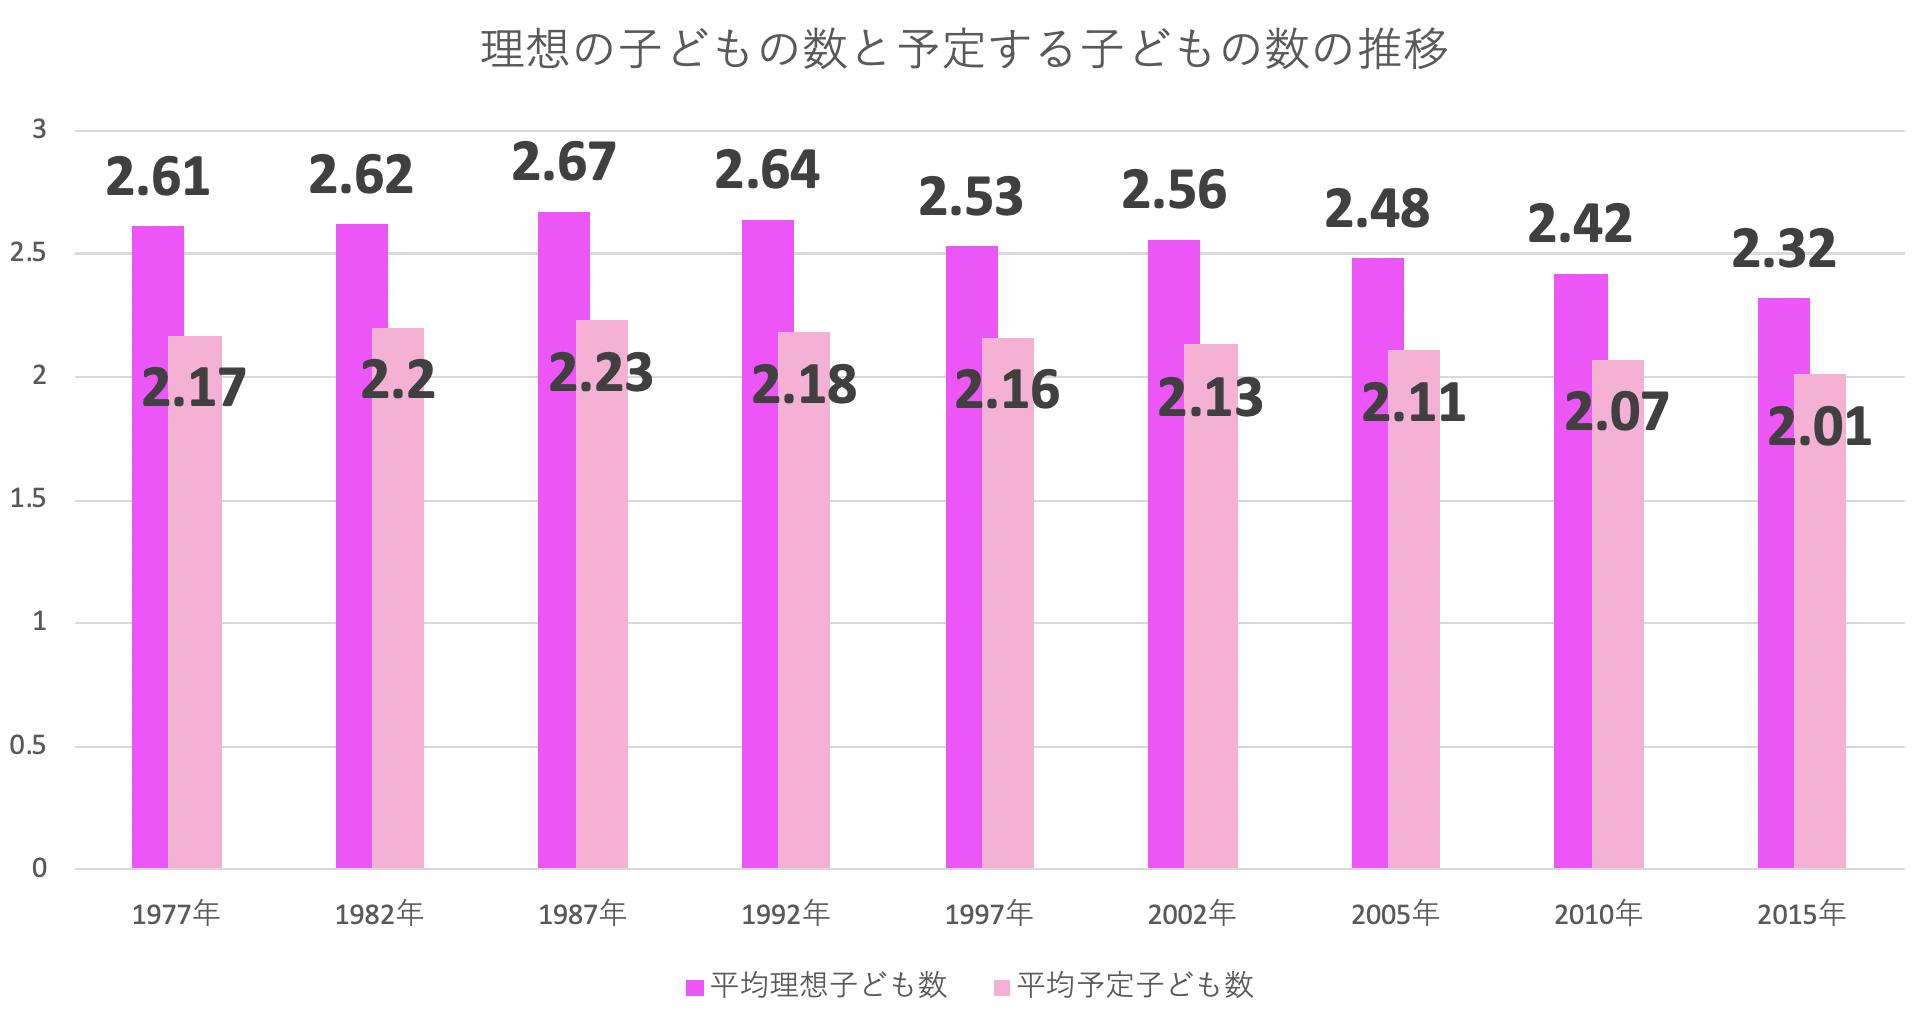 夫婦の平均理想子ども数と平均予定子ども数の推移